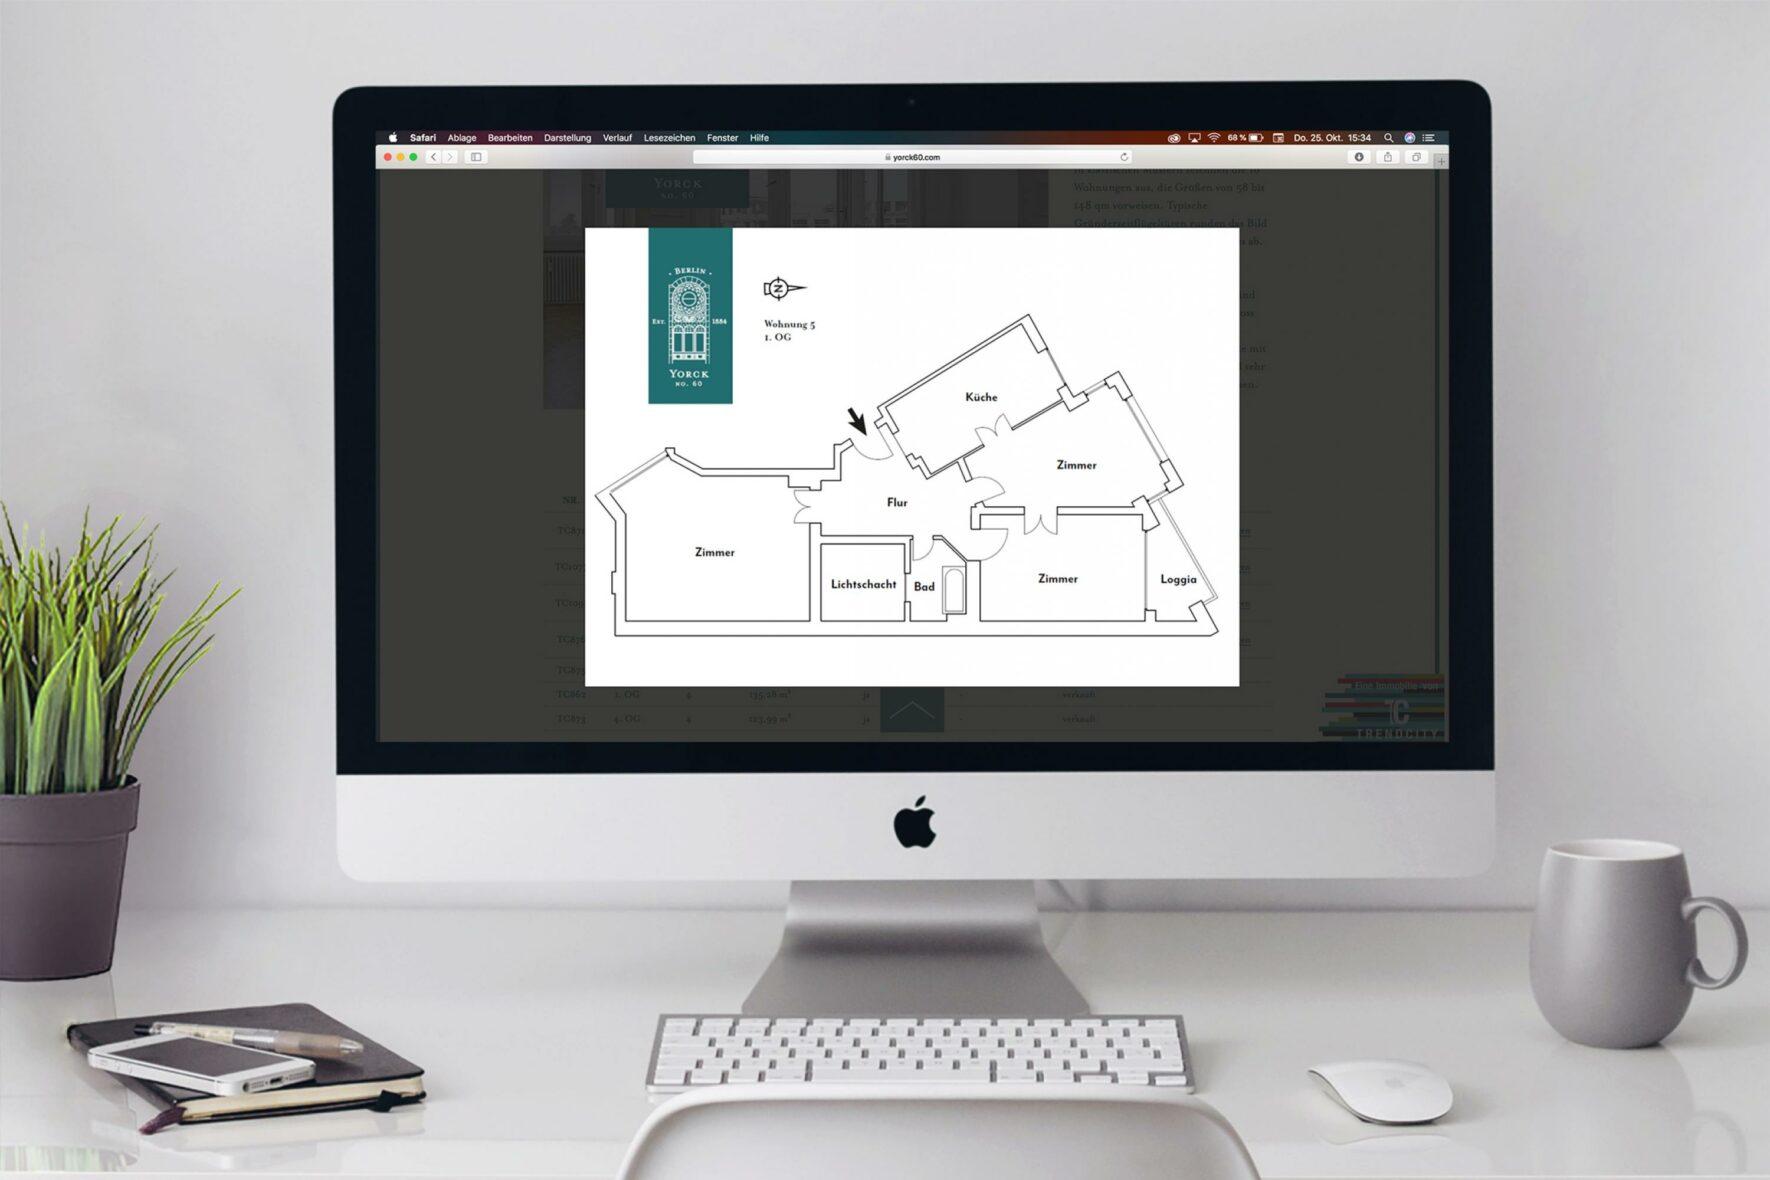 Webiste-Objekte-Branding-Trendcity-Immobilien-Corporate-design-5 Kopie